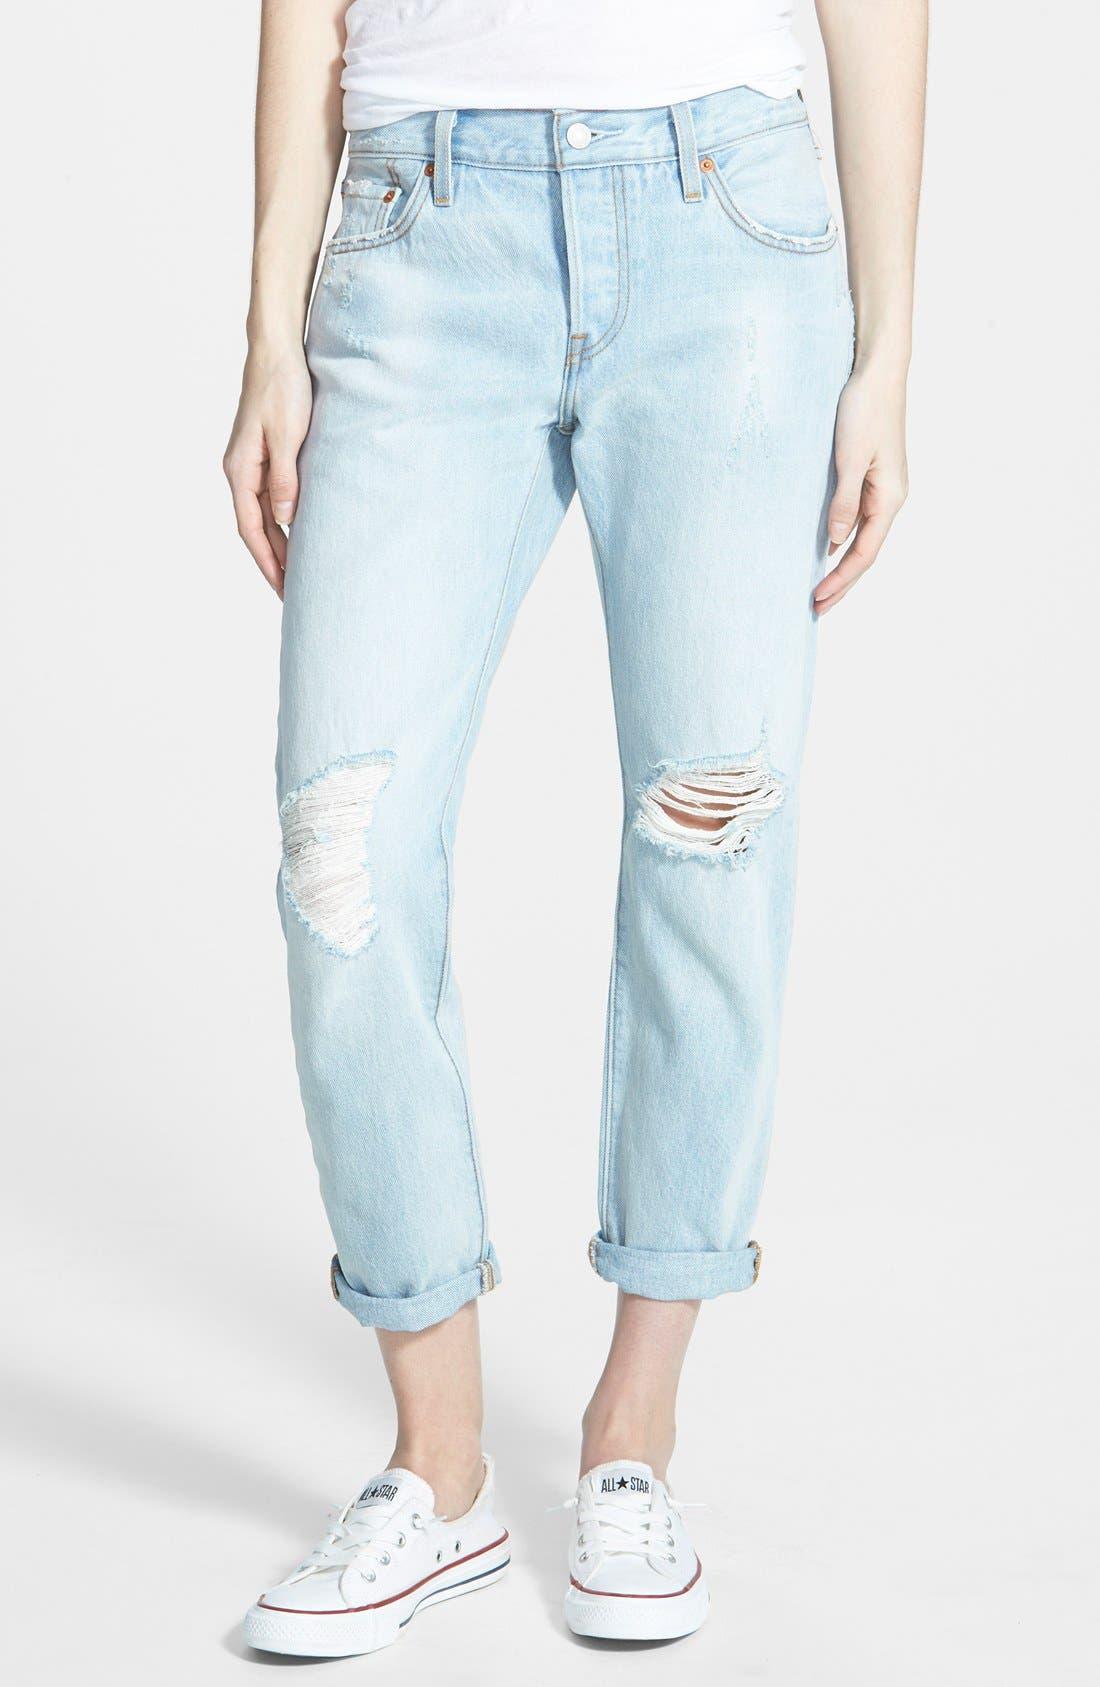 LEVI'S<SUP>®</SUP>, Levi's '501<sup>®</sup> CT' Boyfriend Jeans, Main thumbnail 1, color, 400